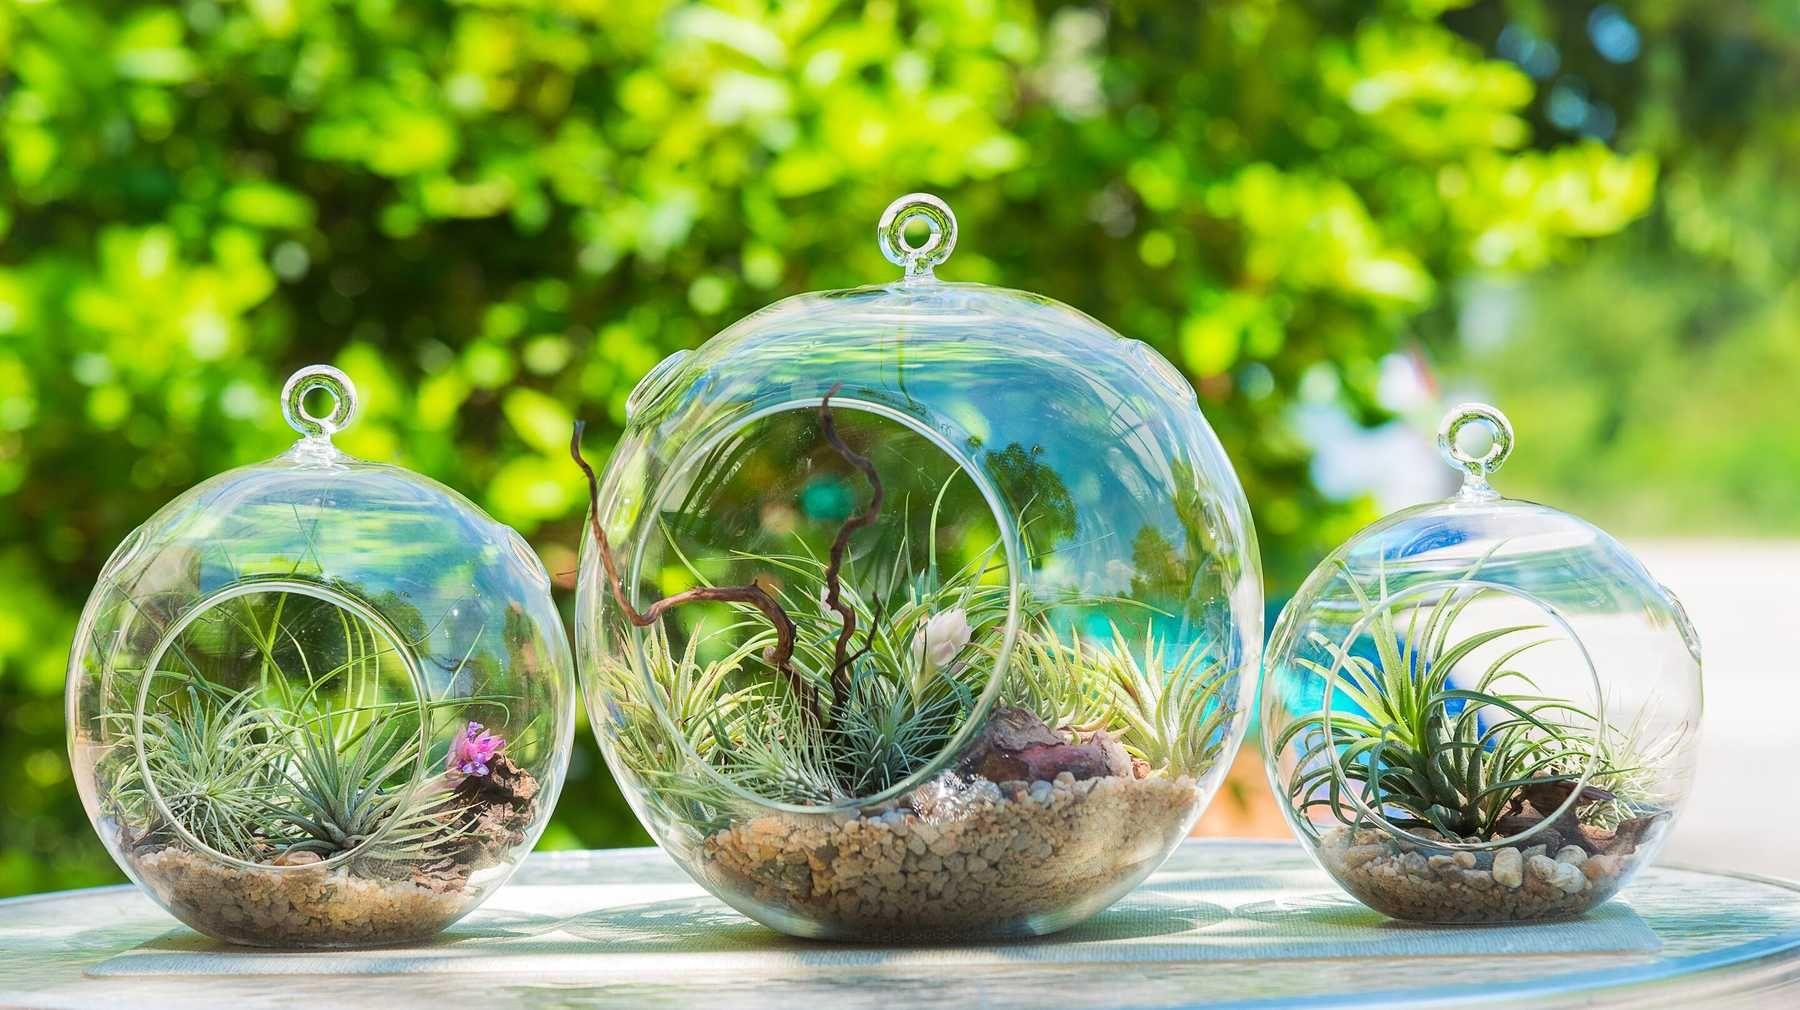 Tự làm cây tiểu cảnh Terrarium xanh trang trí trong nhà